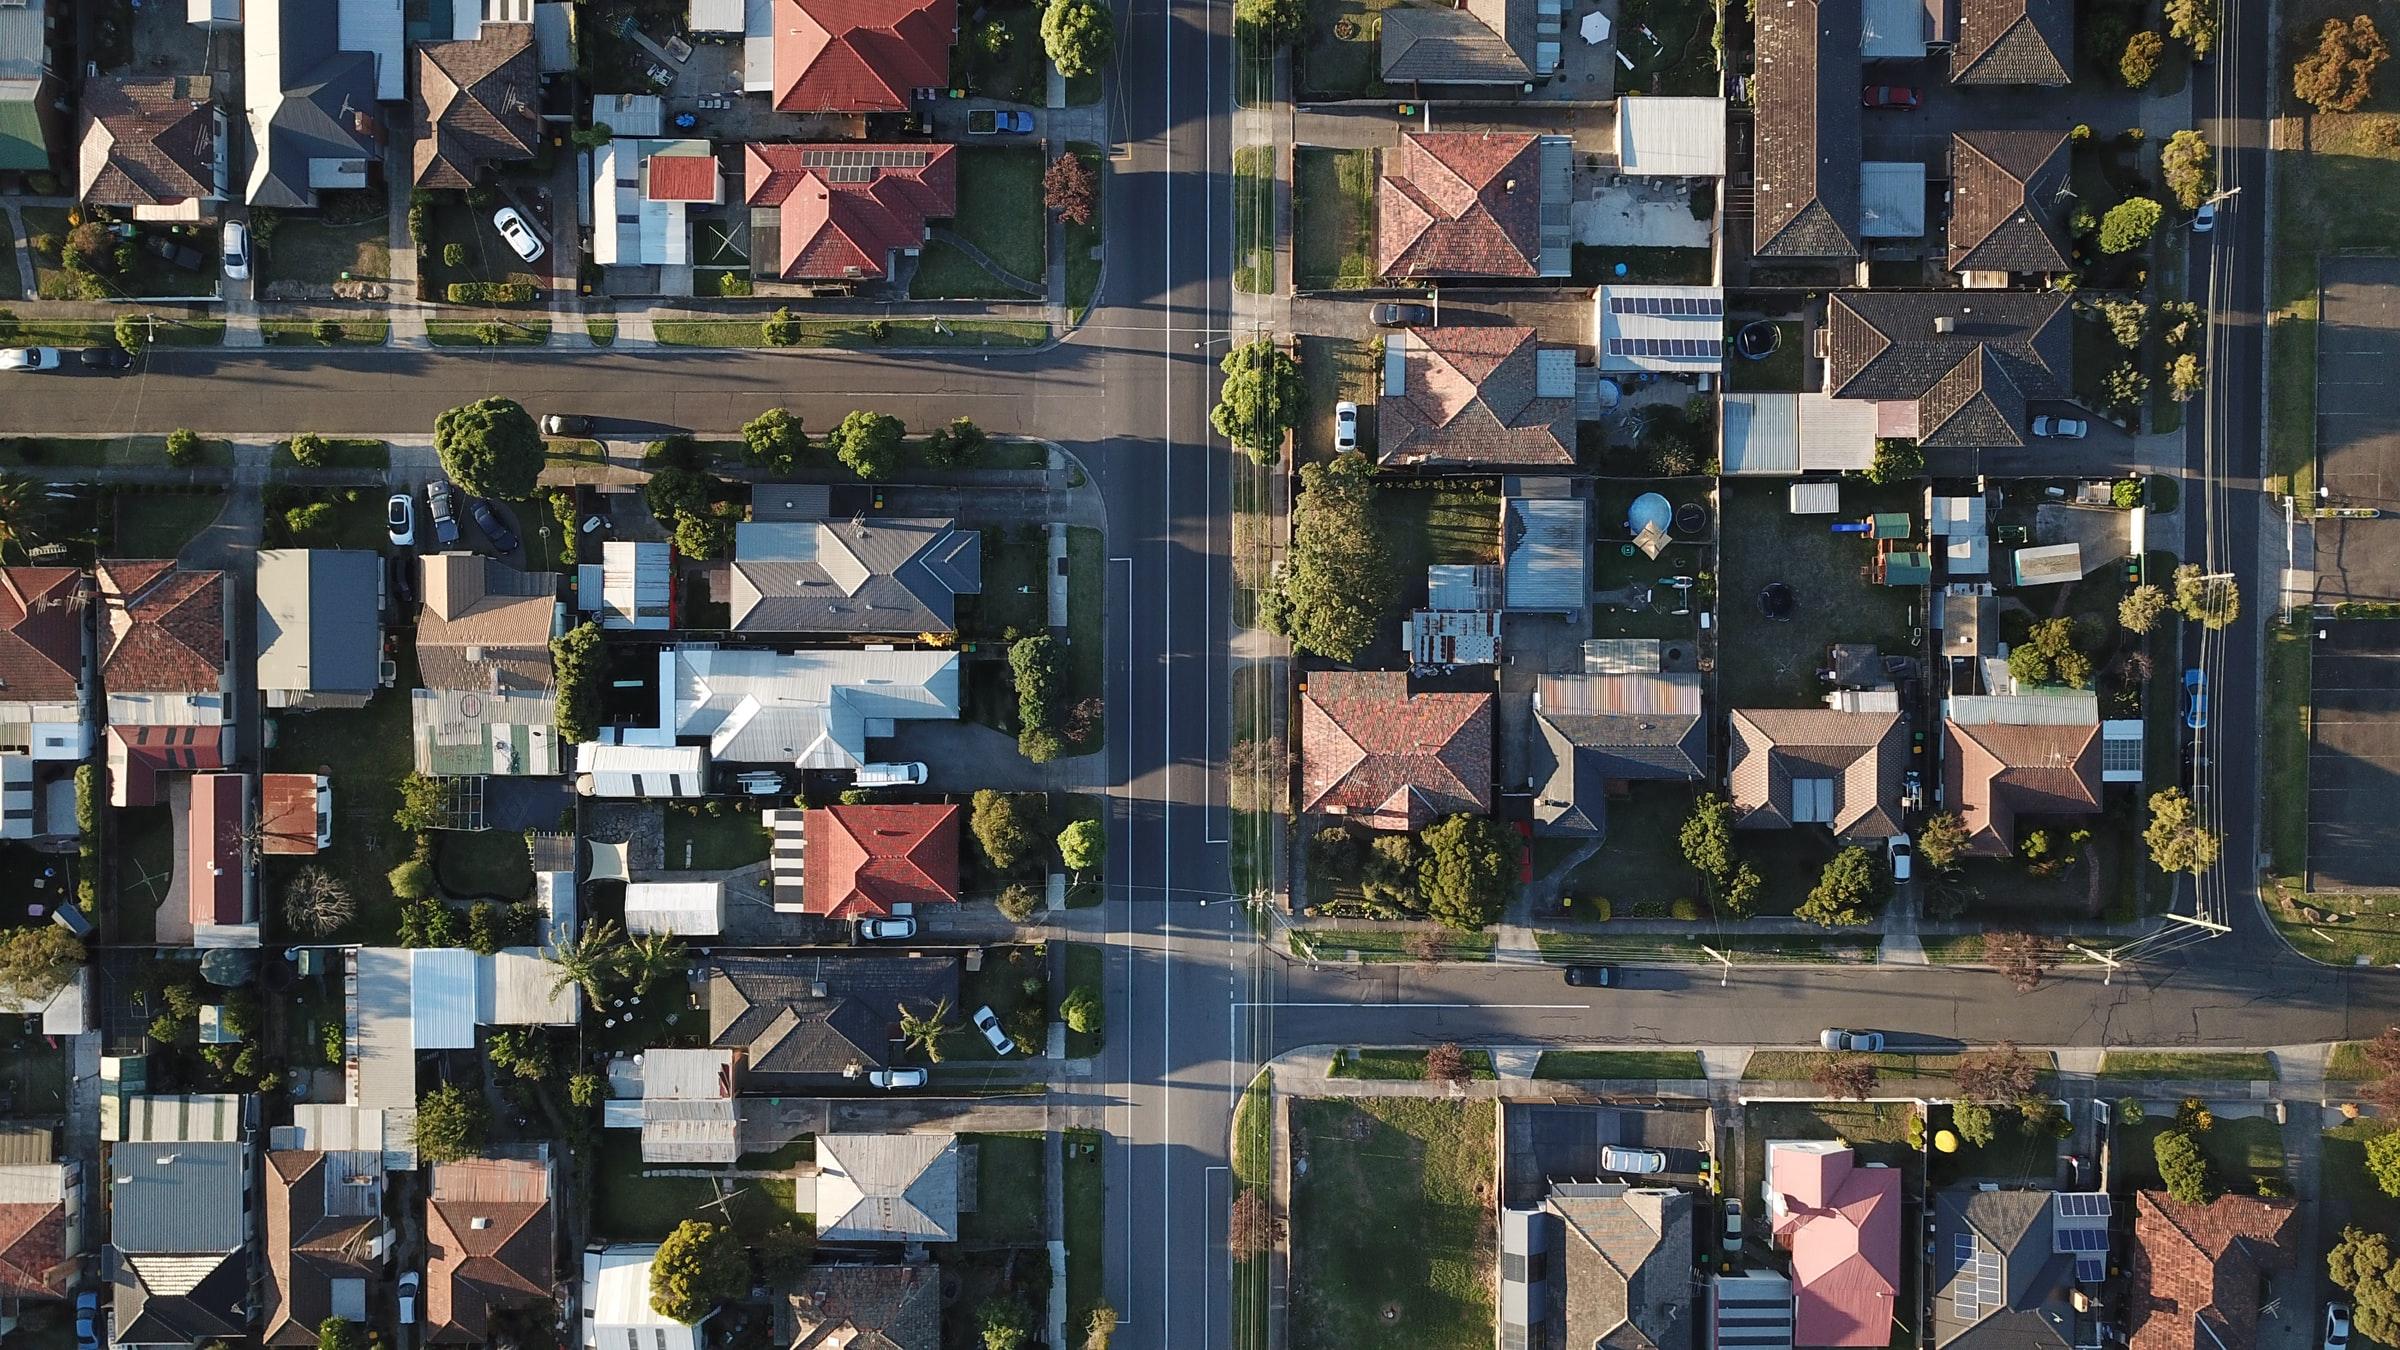 Neighborhood with homes